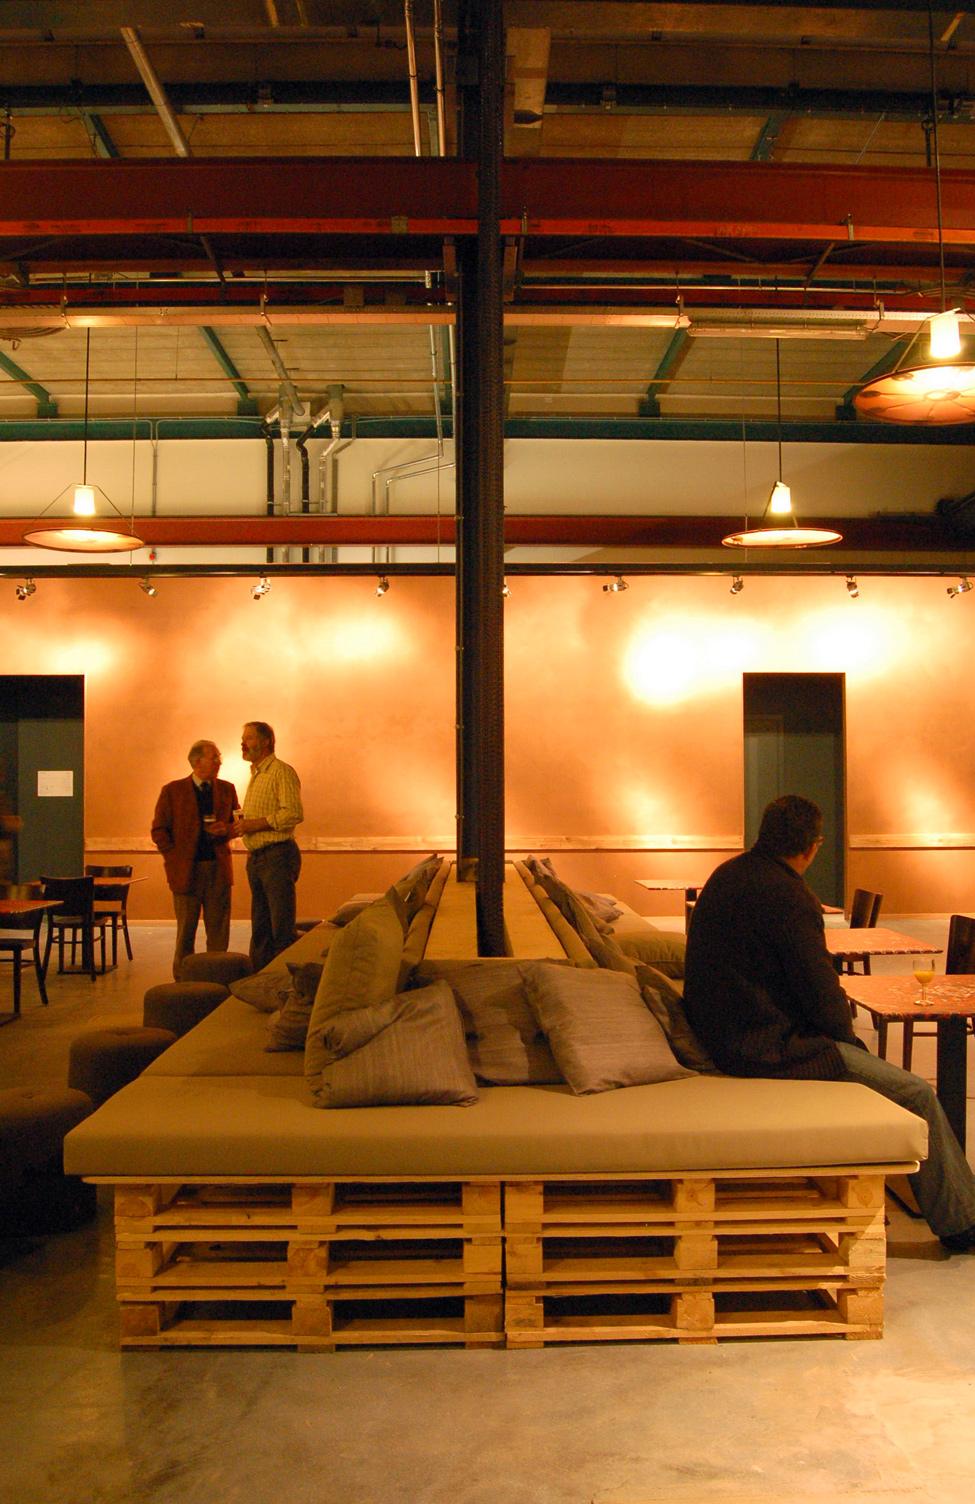 Mueblesdepalets.net: Muebles de palets: Restaurante en Amsterdam ...